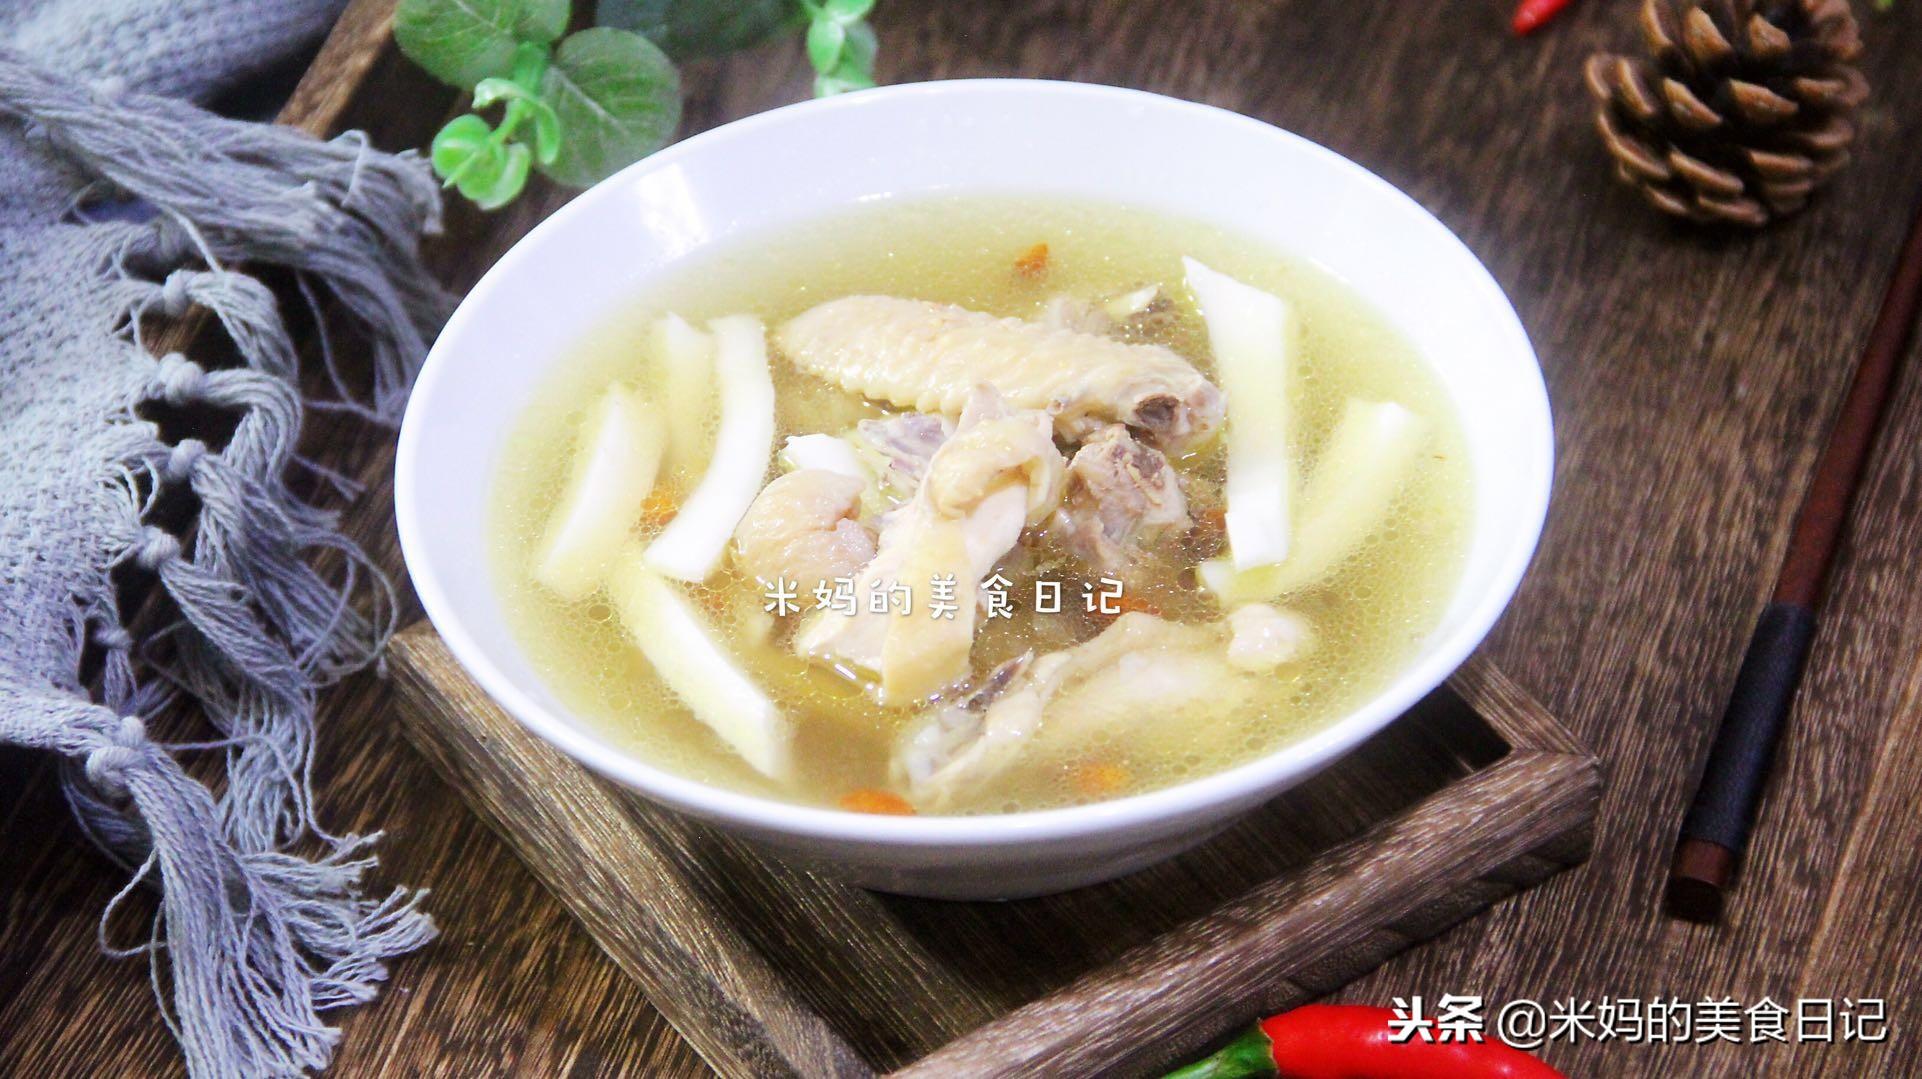 椰子鸡汤做法步骤图 女人常喝补水养颜省了贴面膜